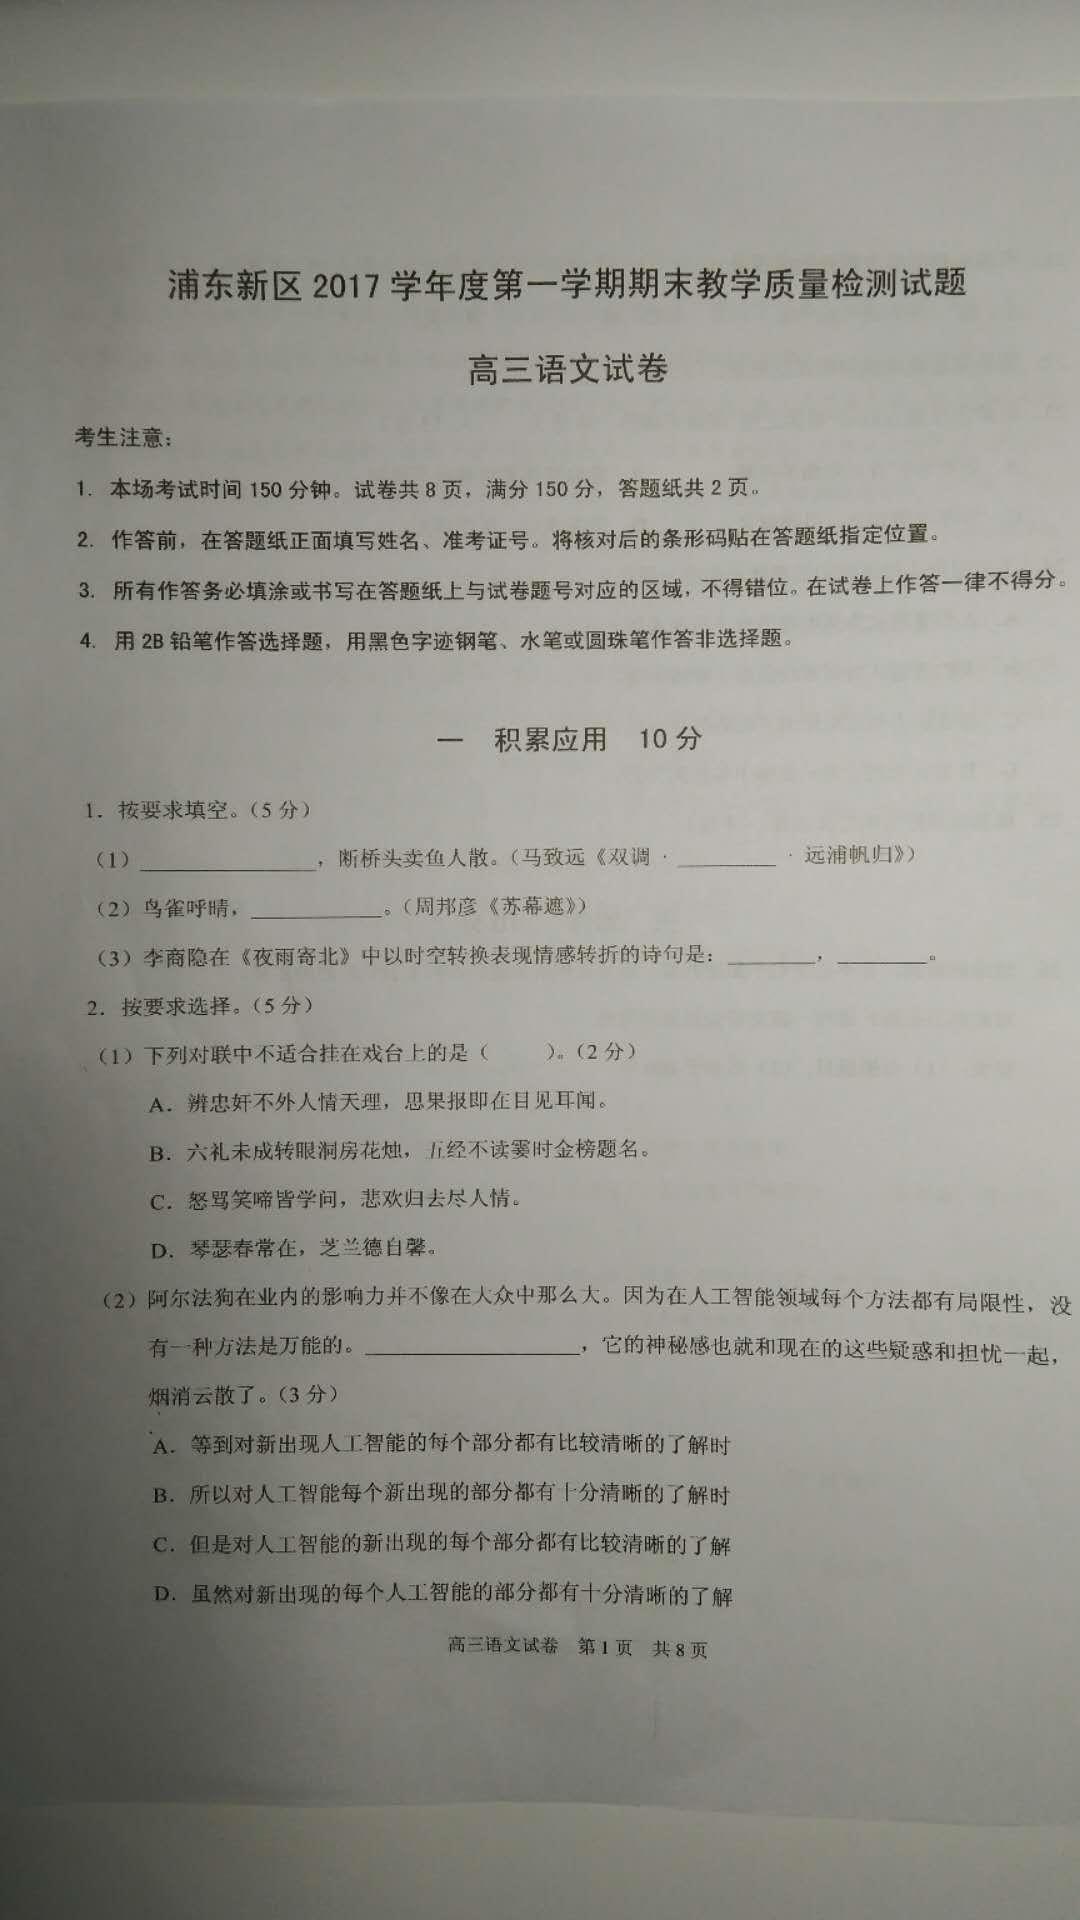 2018上海浦东新区高三一模语文试卷及答案